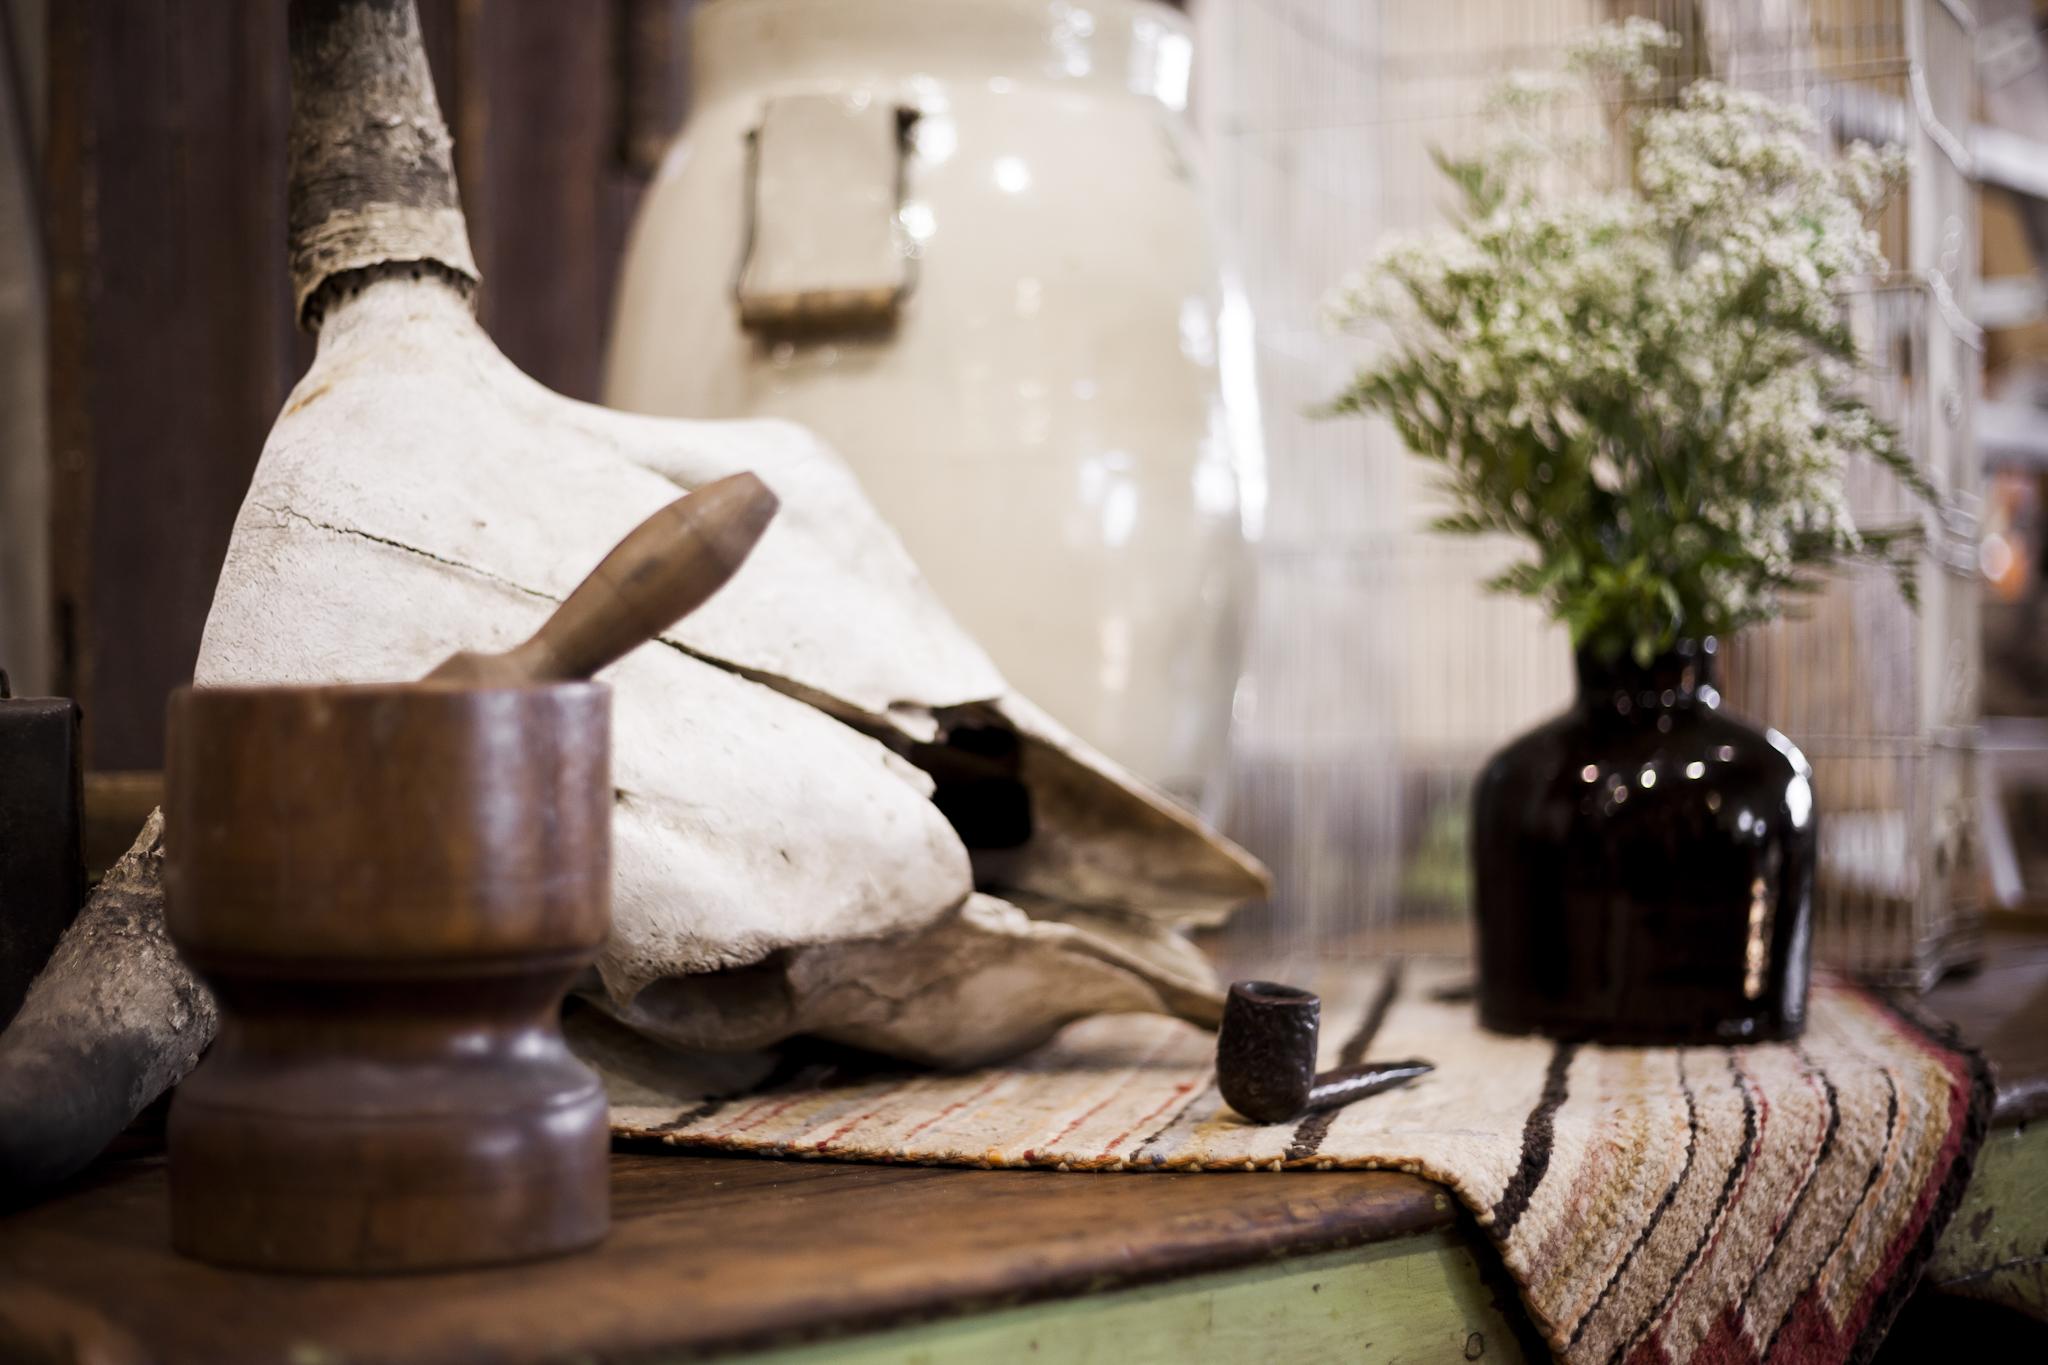 Skull, Pipe, Vase, Pistle and Muddler